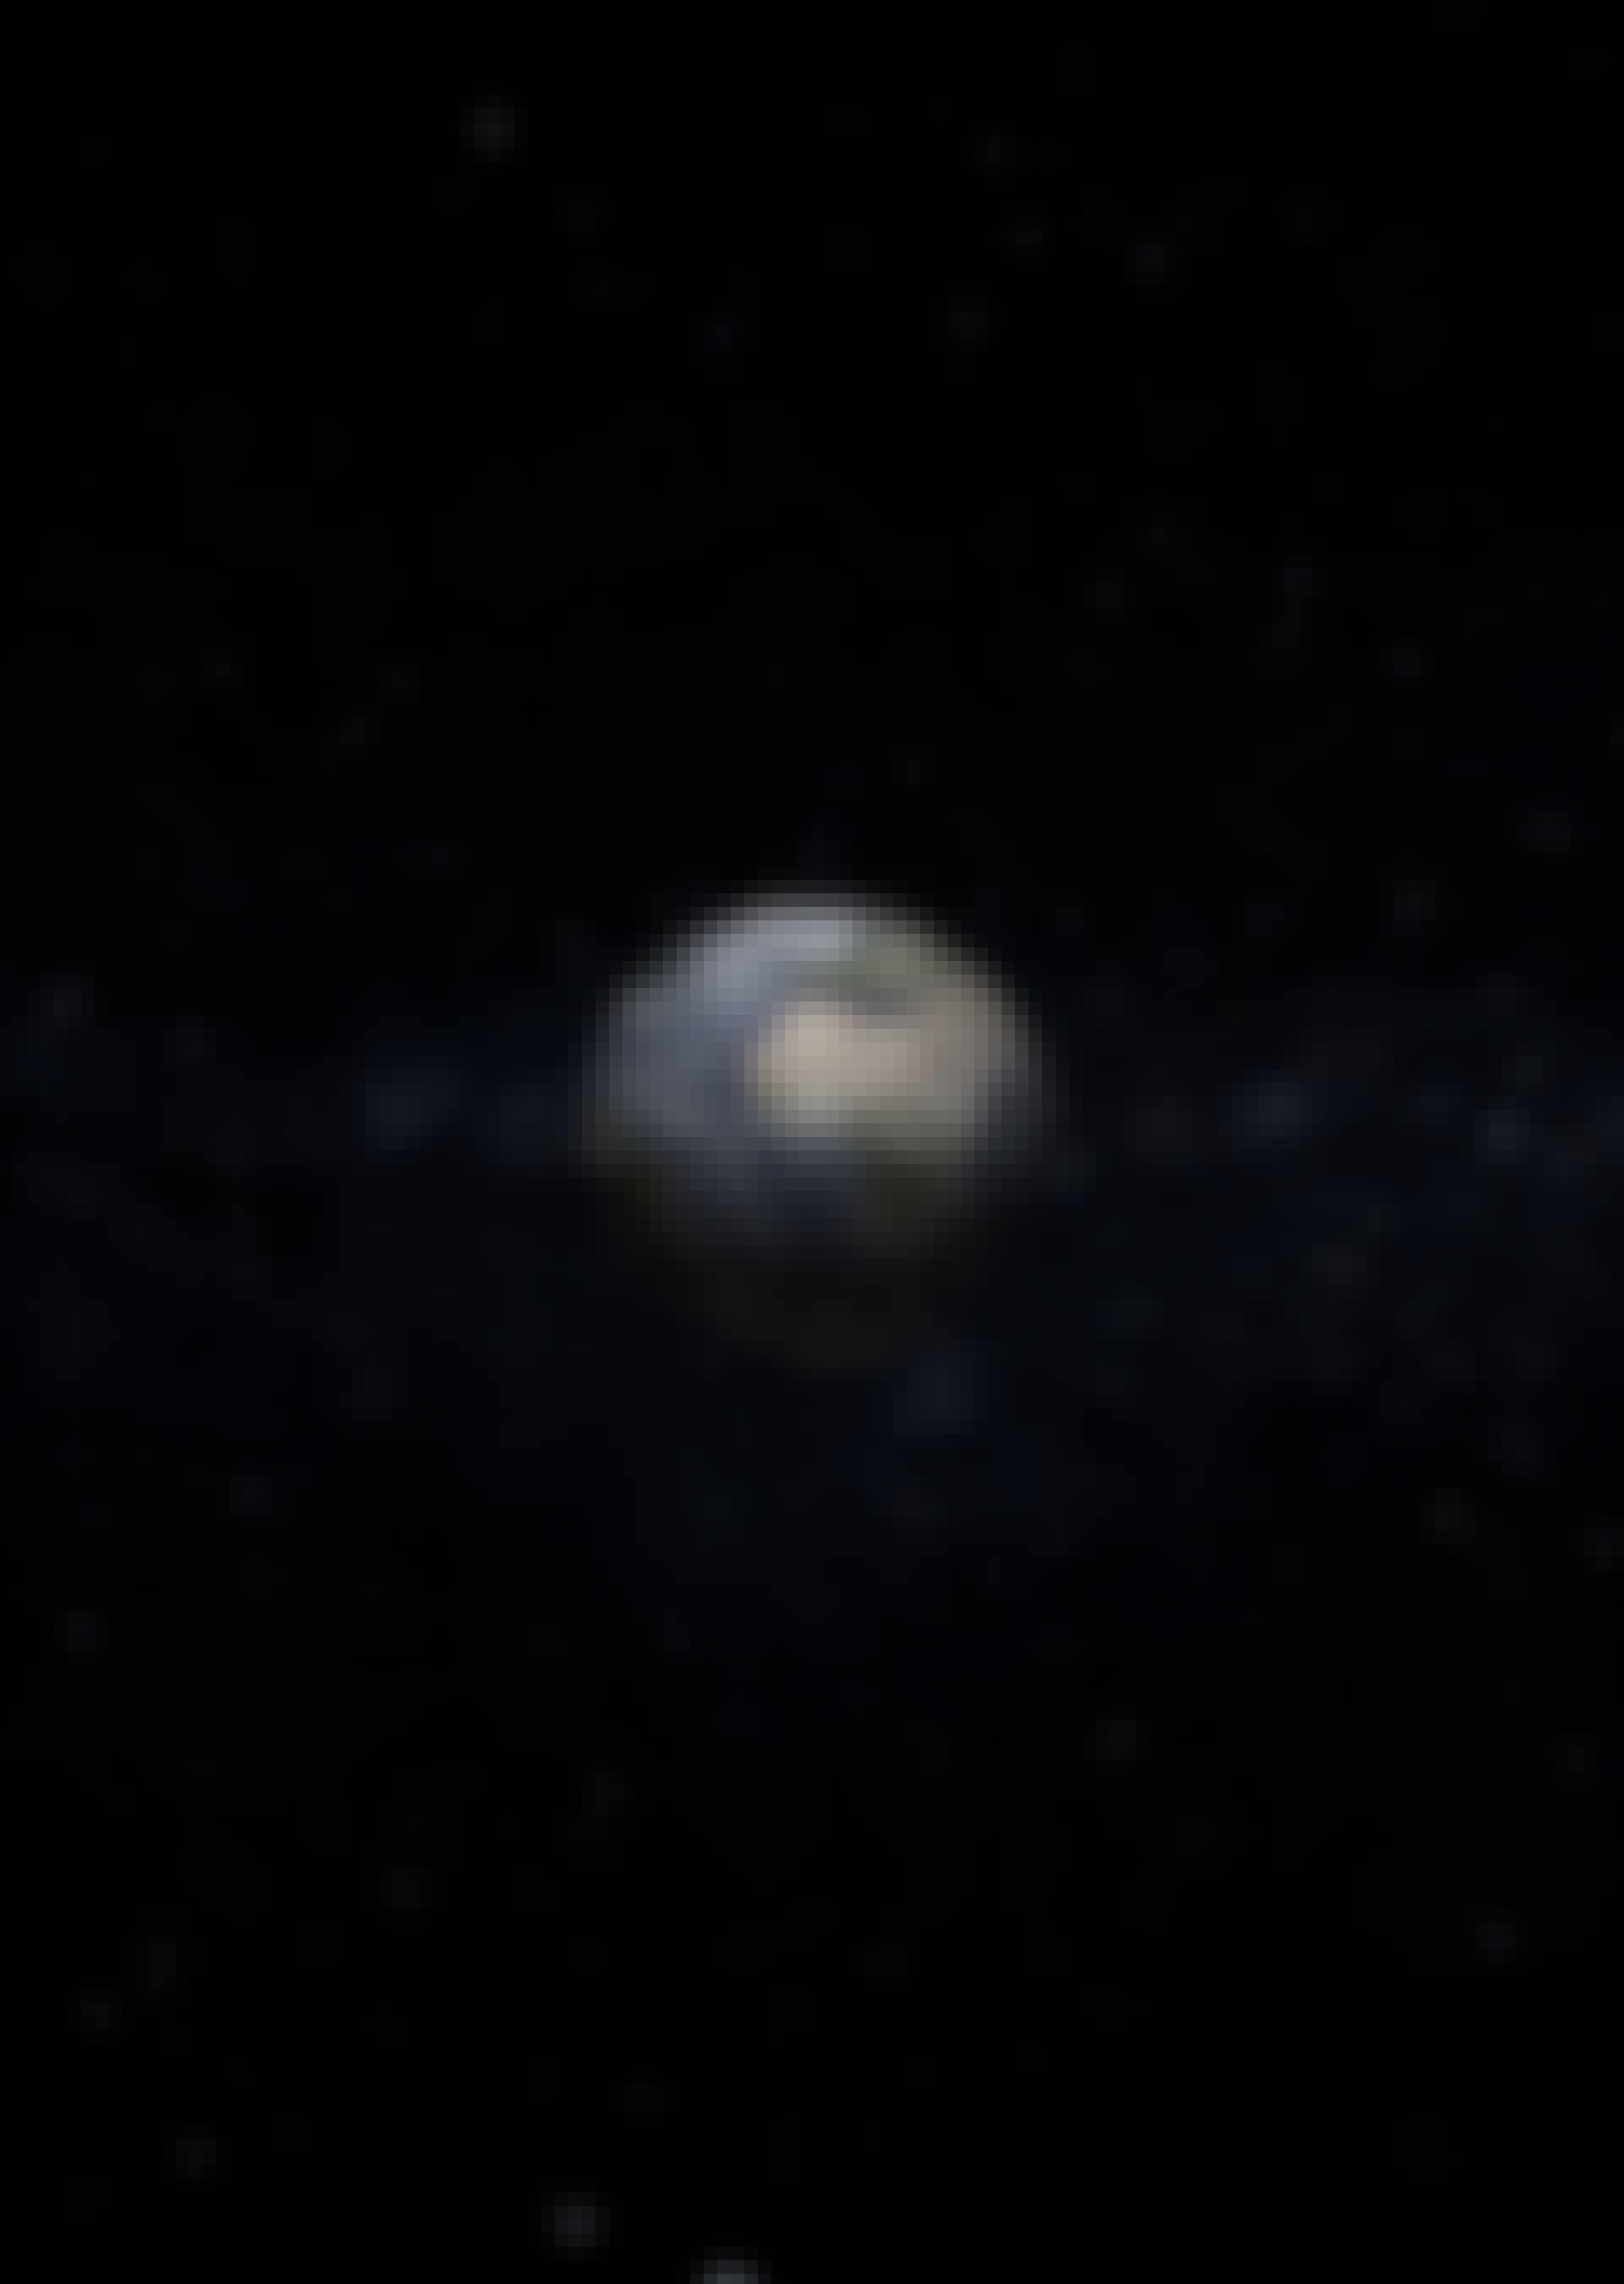 Lager i jordens atmosfär